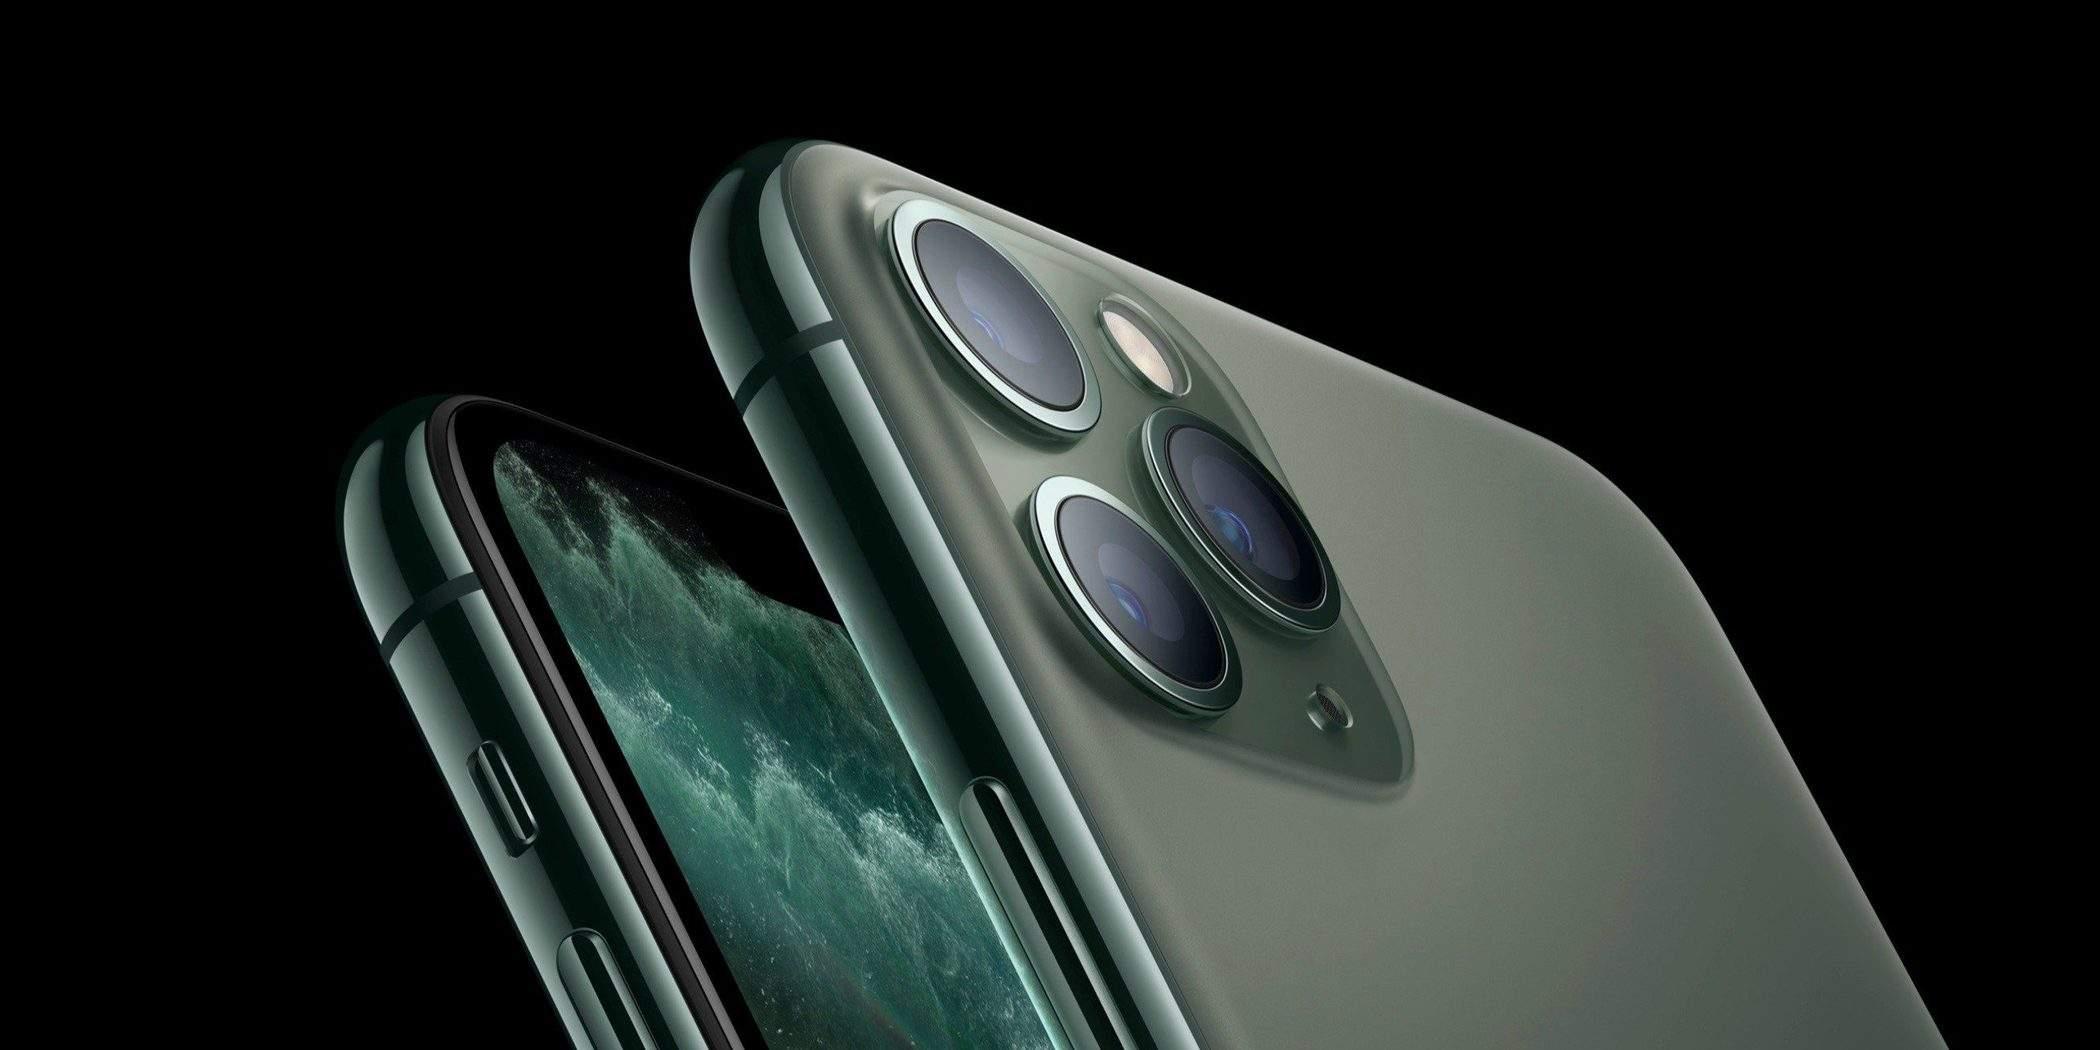 iphone照片刪掉了怎么找回?蘋果手機照片徹底刪除了怎么恢復?